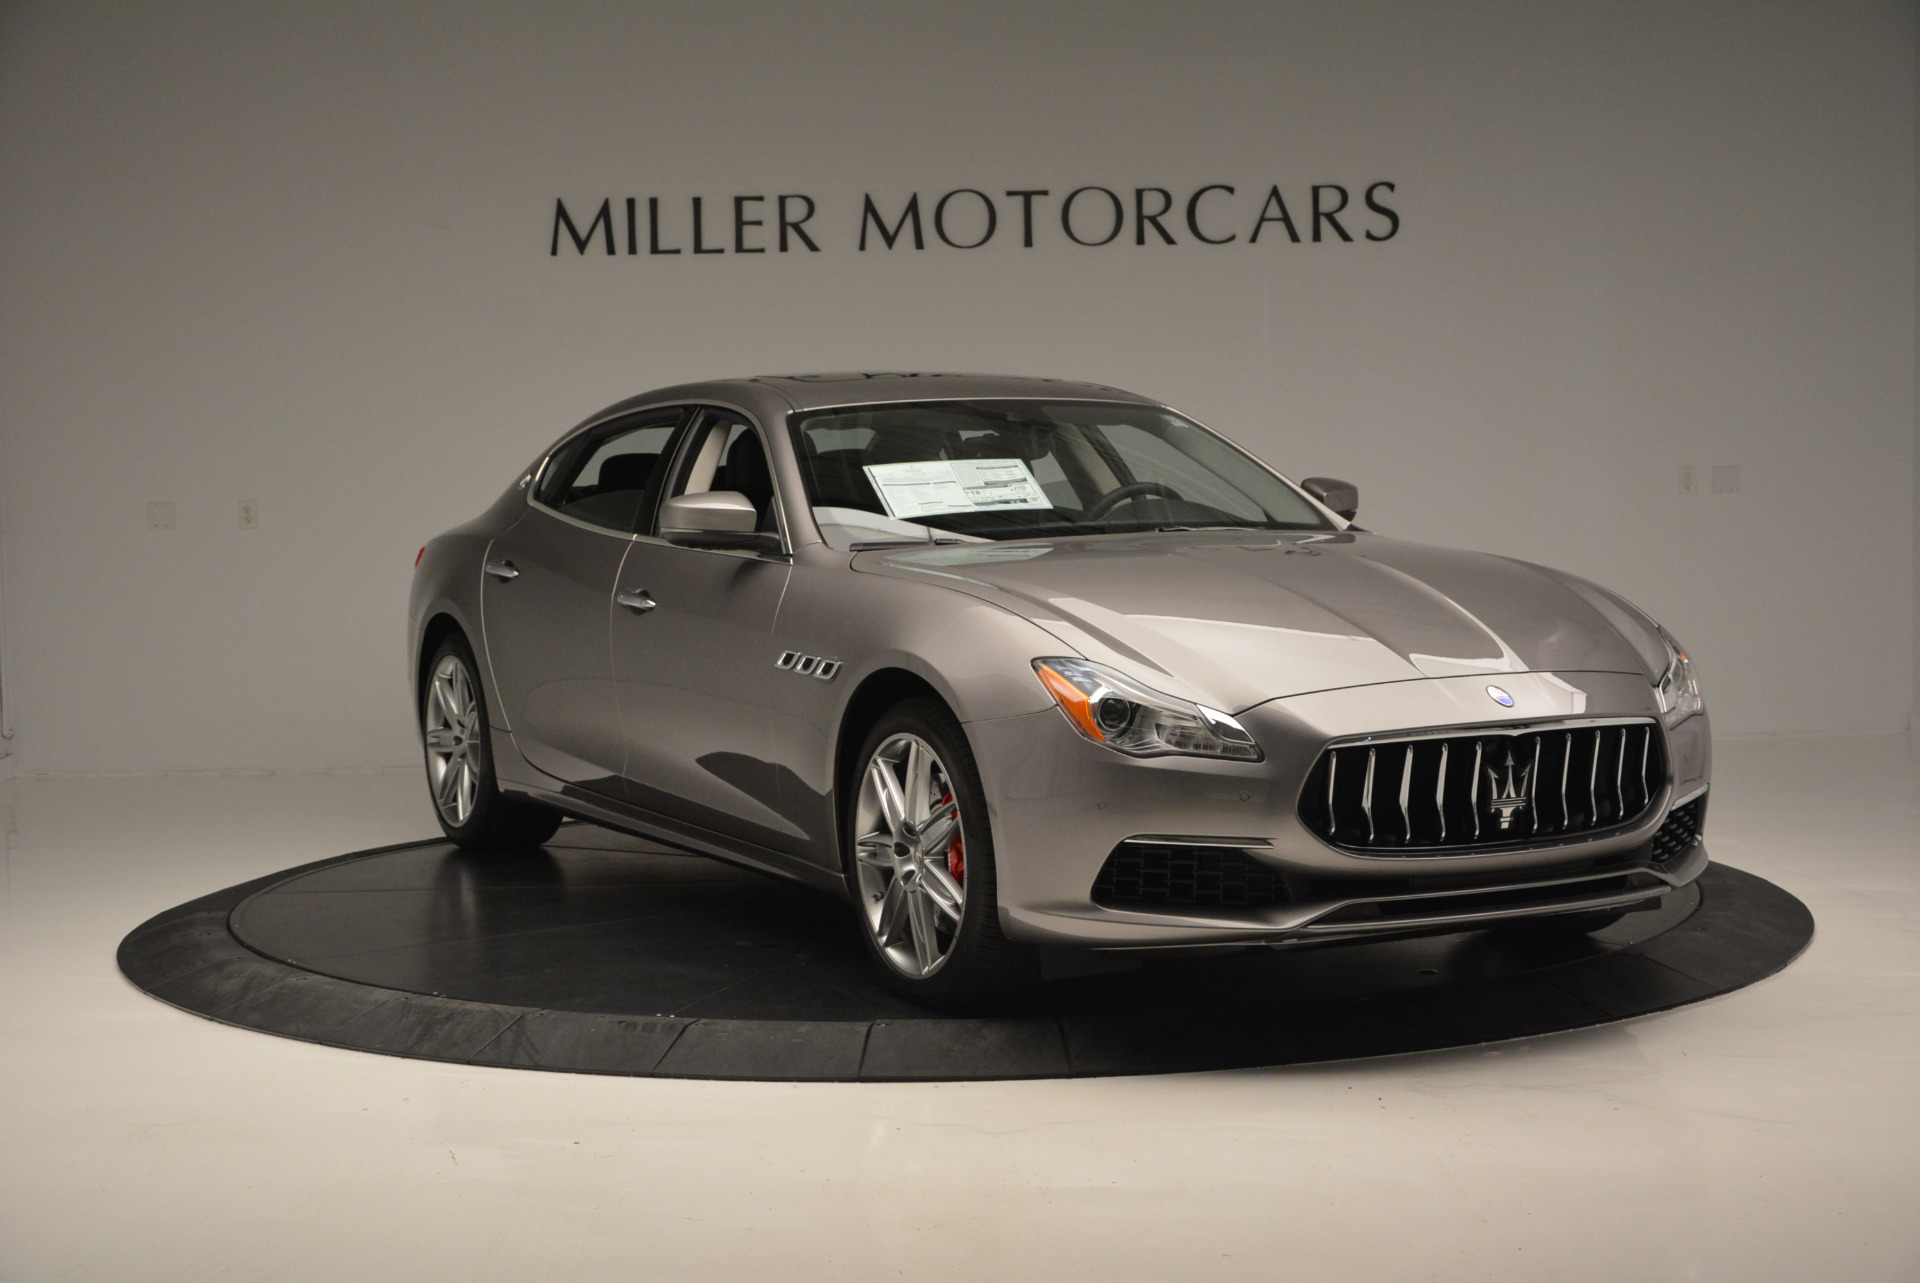 New 2017 Maserati Quattroporte S Q4 GranLusso For Sale In Greenwich, CT 611_p11